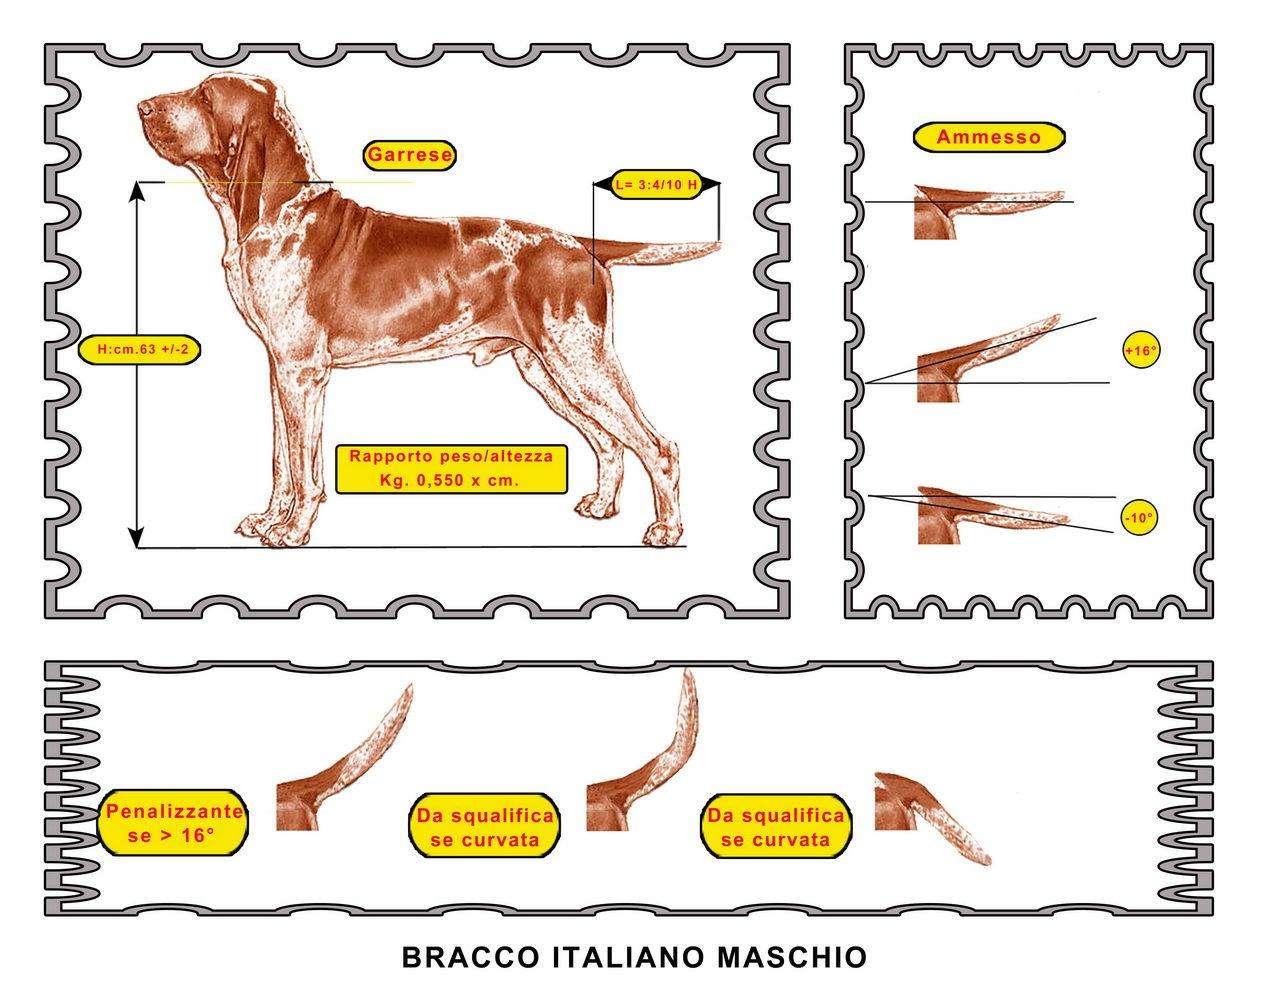 coda bracco italiano